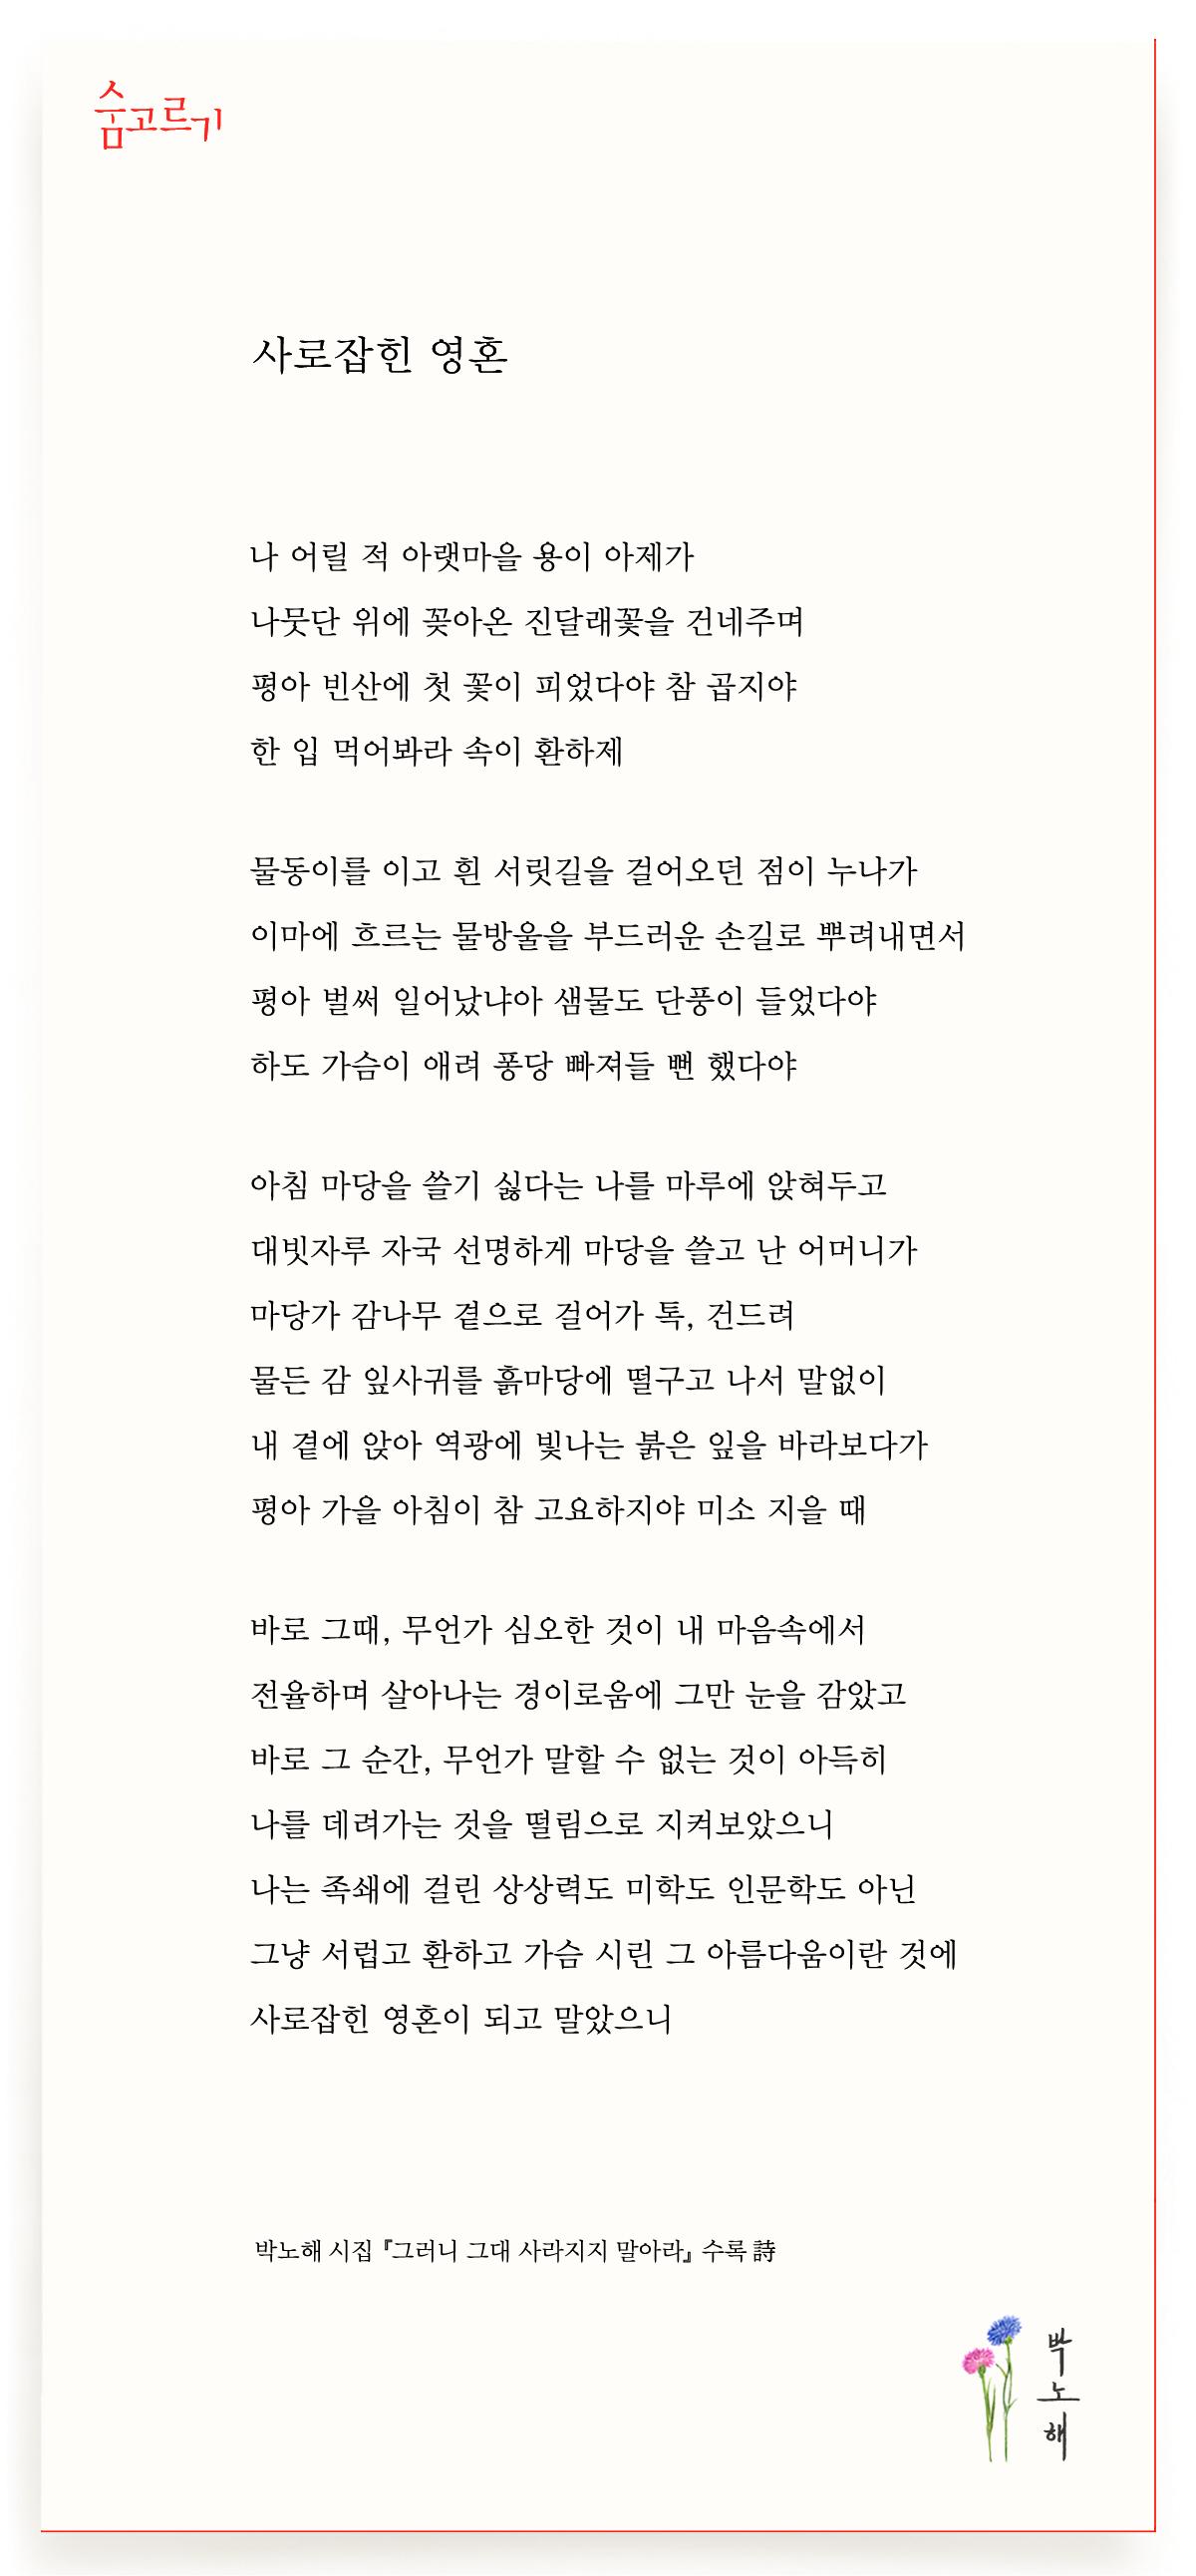 박노해의 숨고르기 사로잡힌 영혼